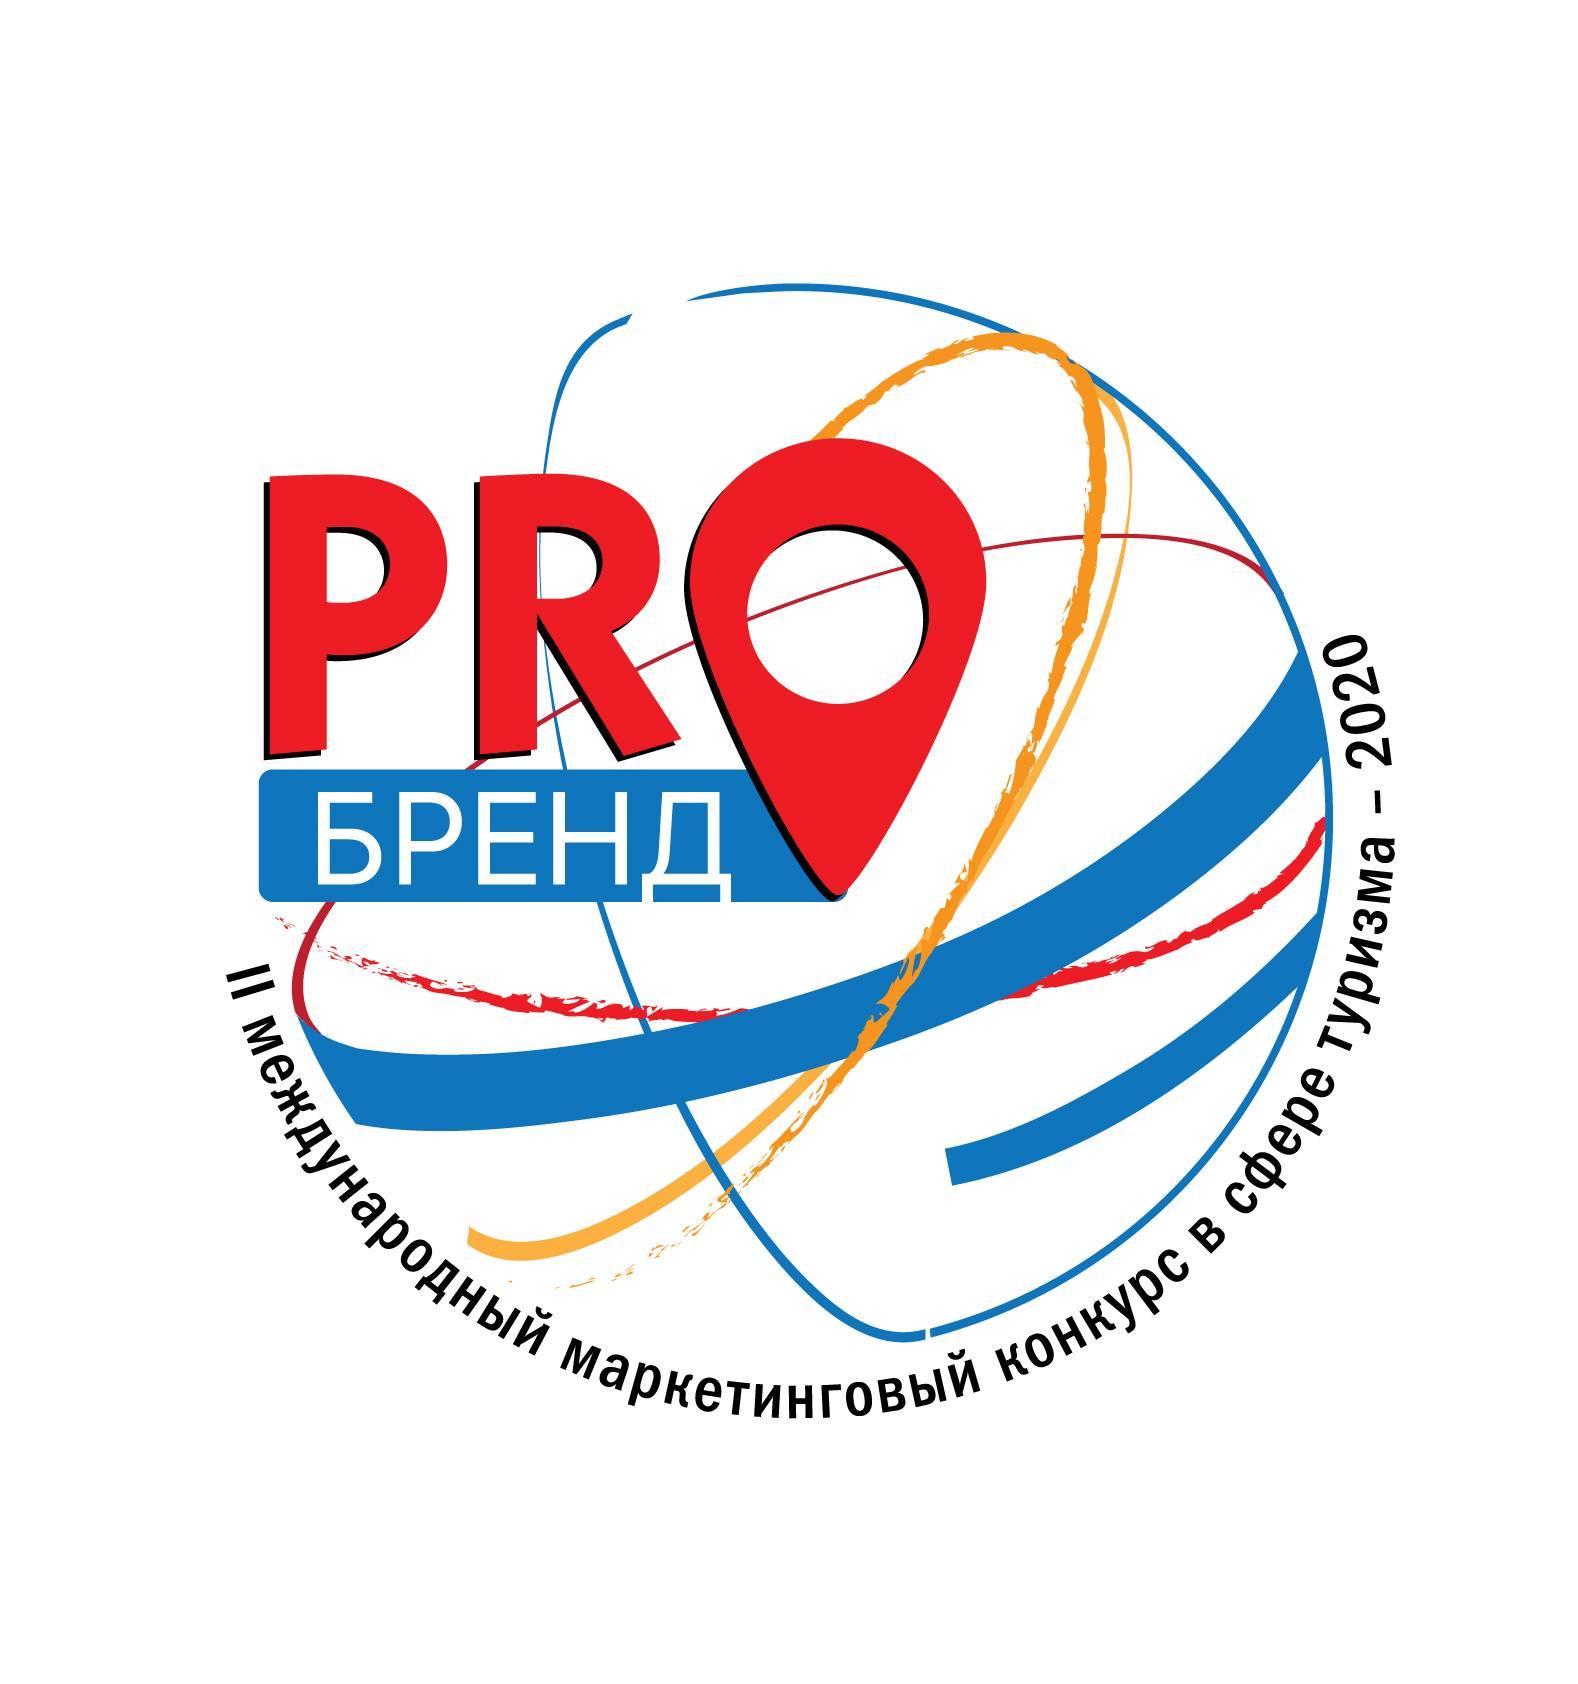 Бренды и тренды. Есть ли у России туристический бренд?